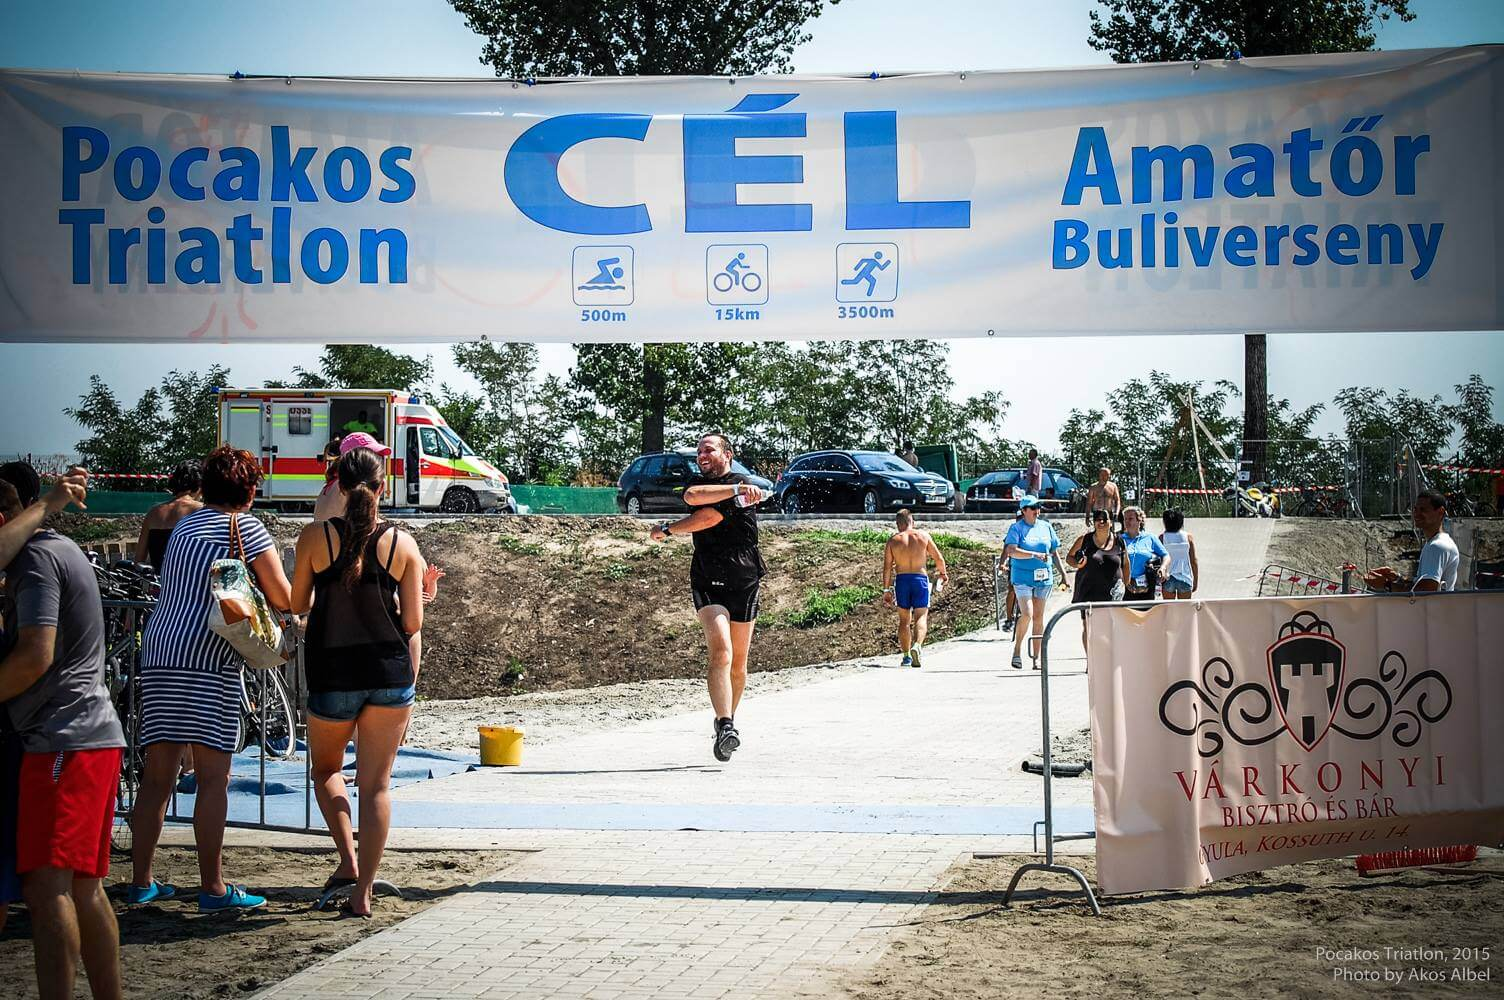 Pocakos-triatlon_photo_02.jpg